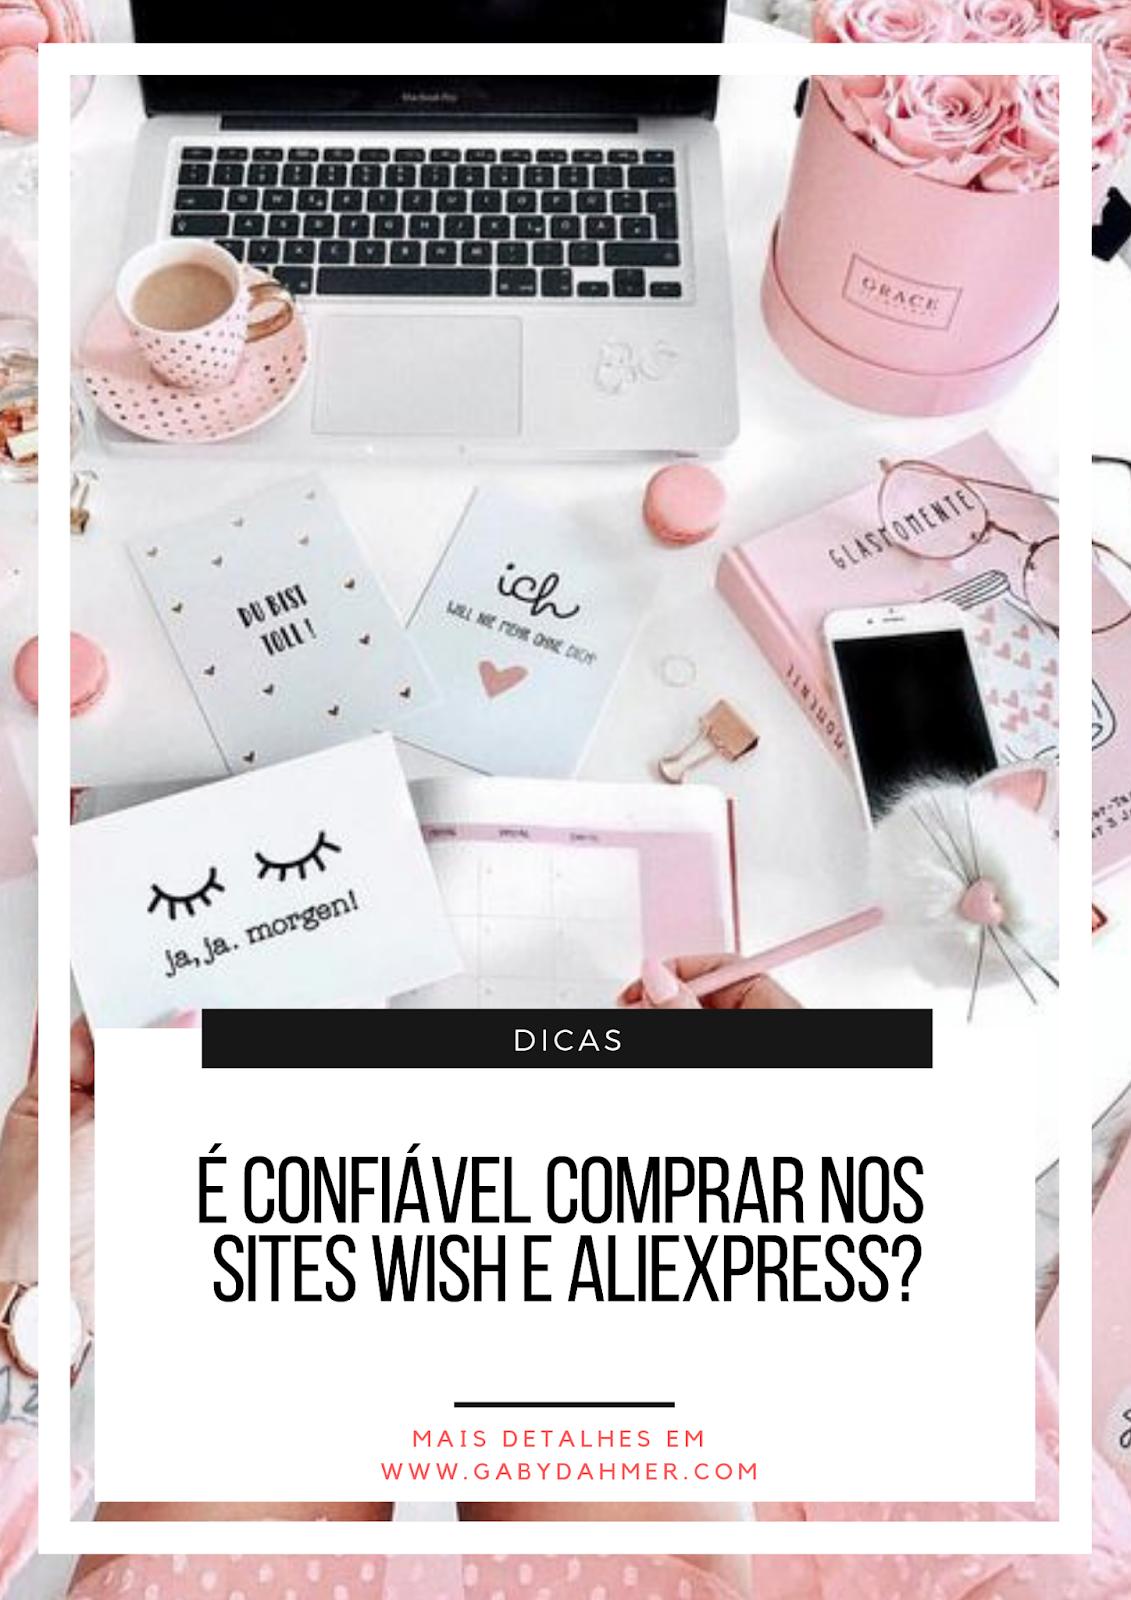 Confira se é confiável fazer compras nos sites Wish e AliExpress. Saiba mais: